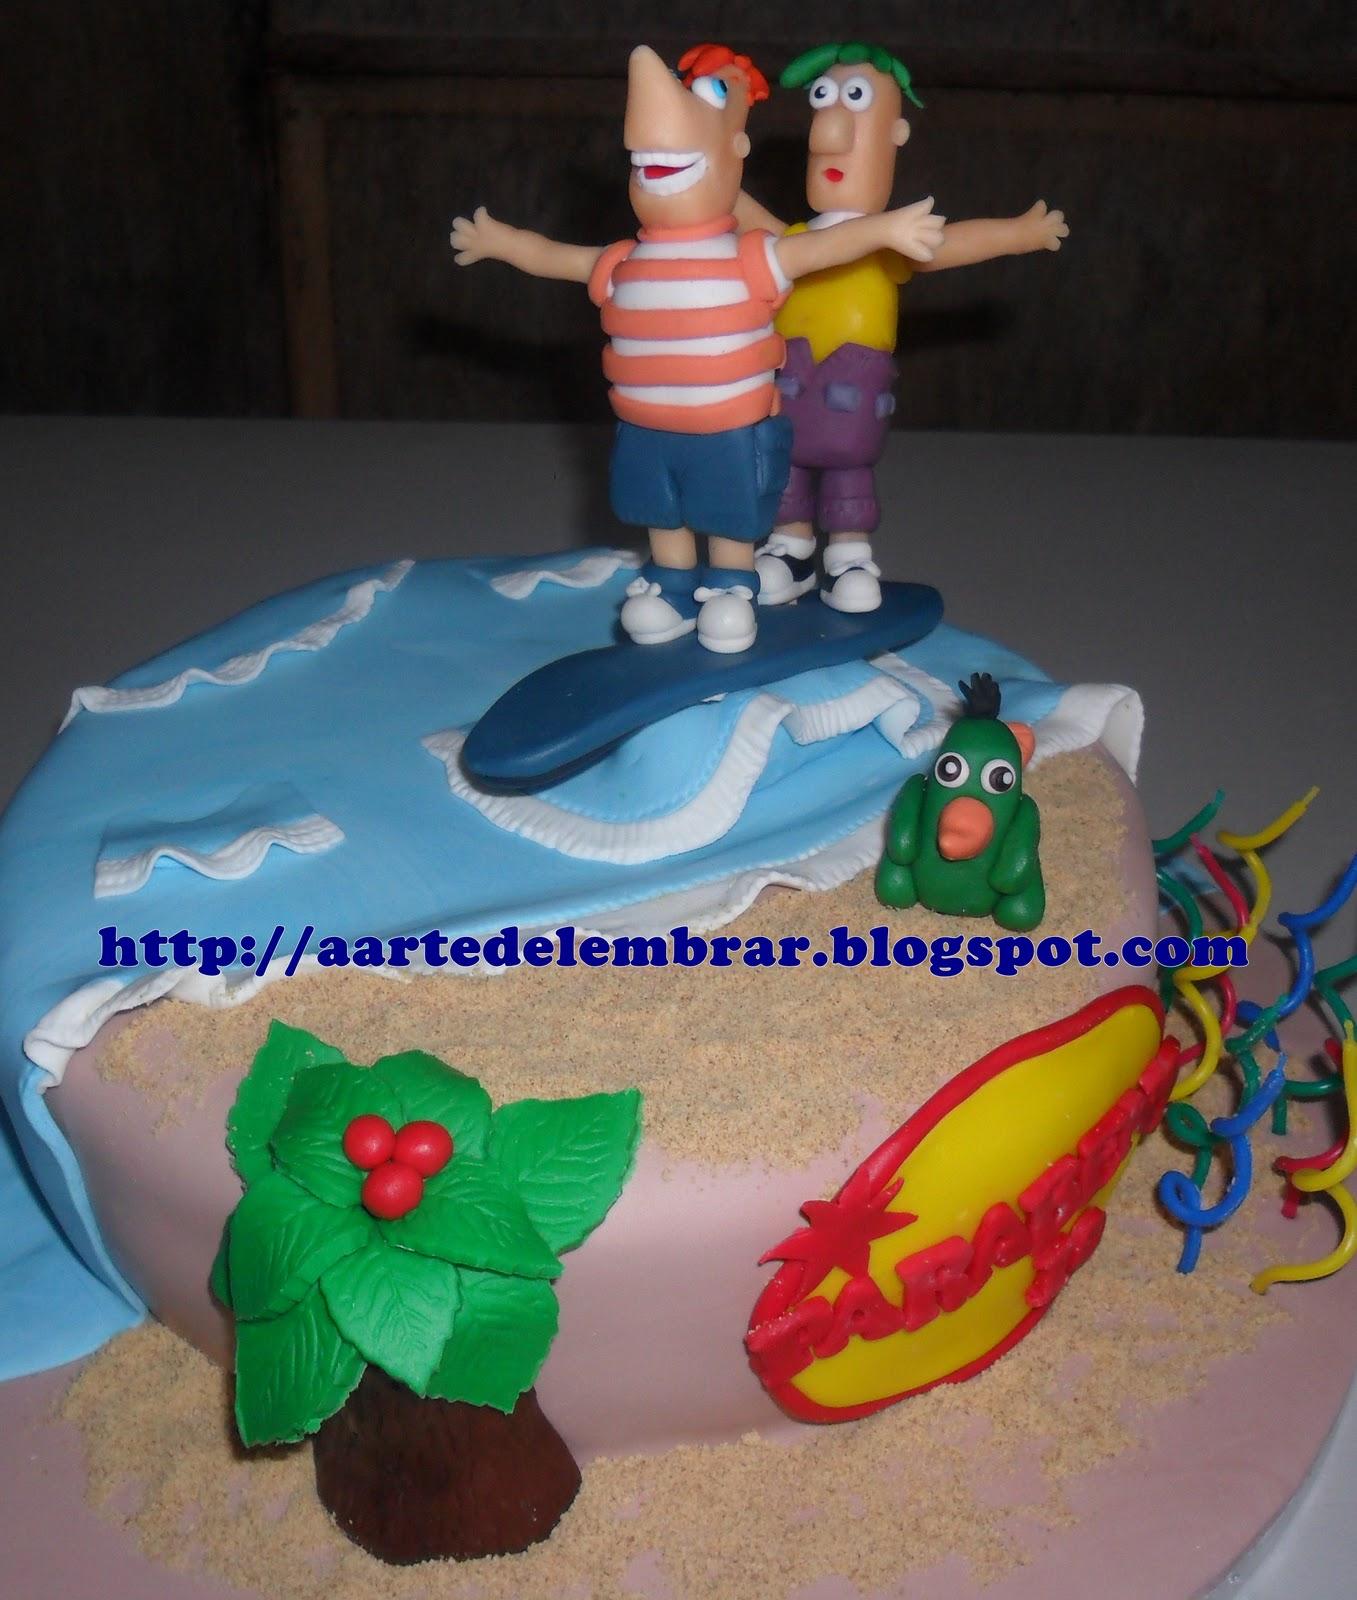 Bons Bolos Cake Ideas and Designs